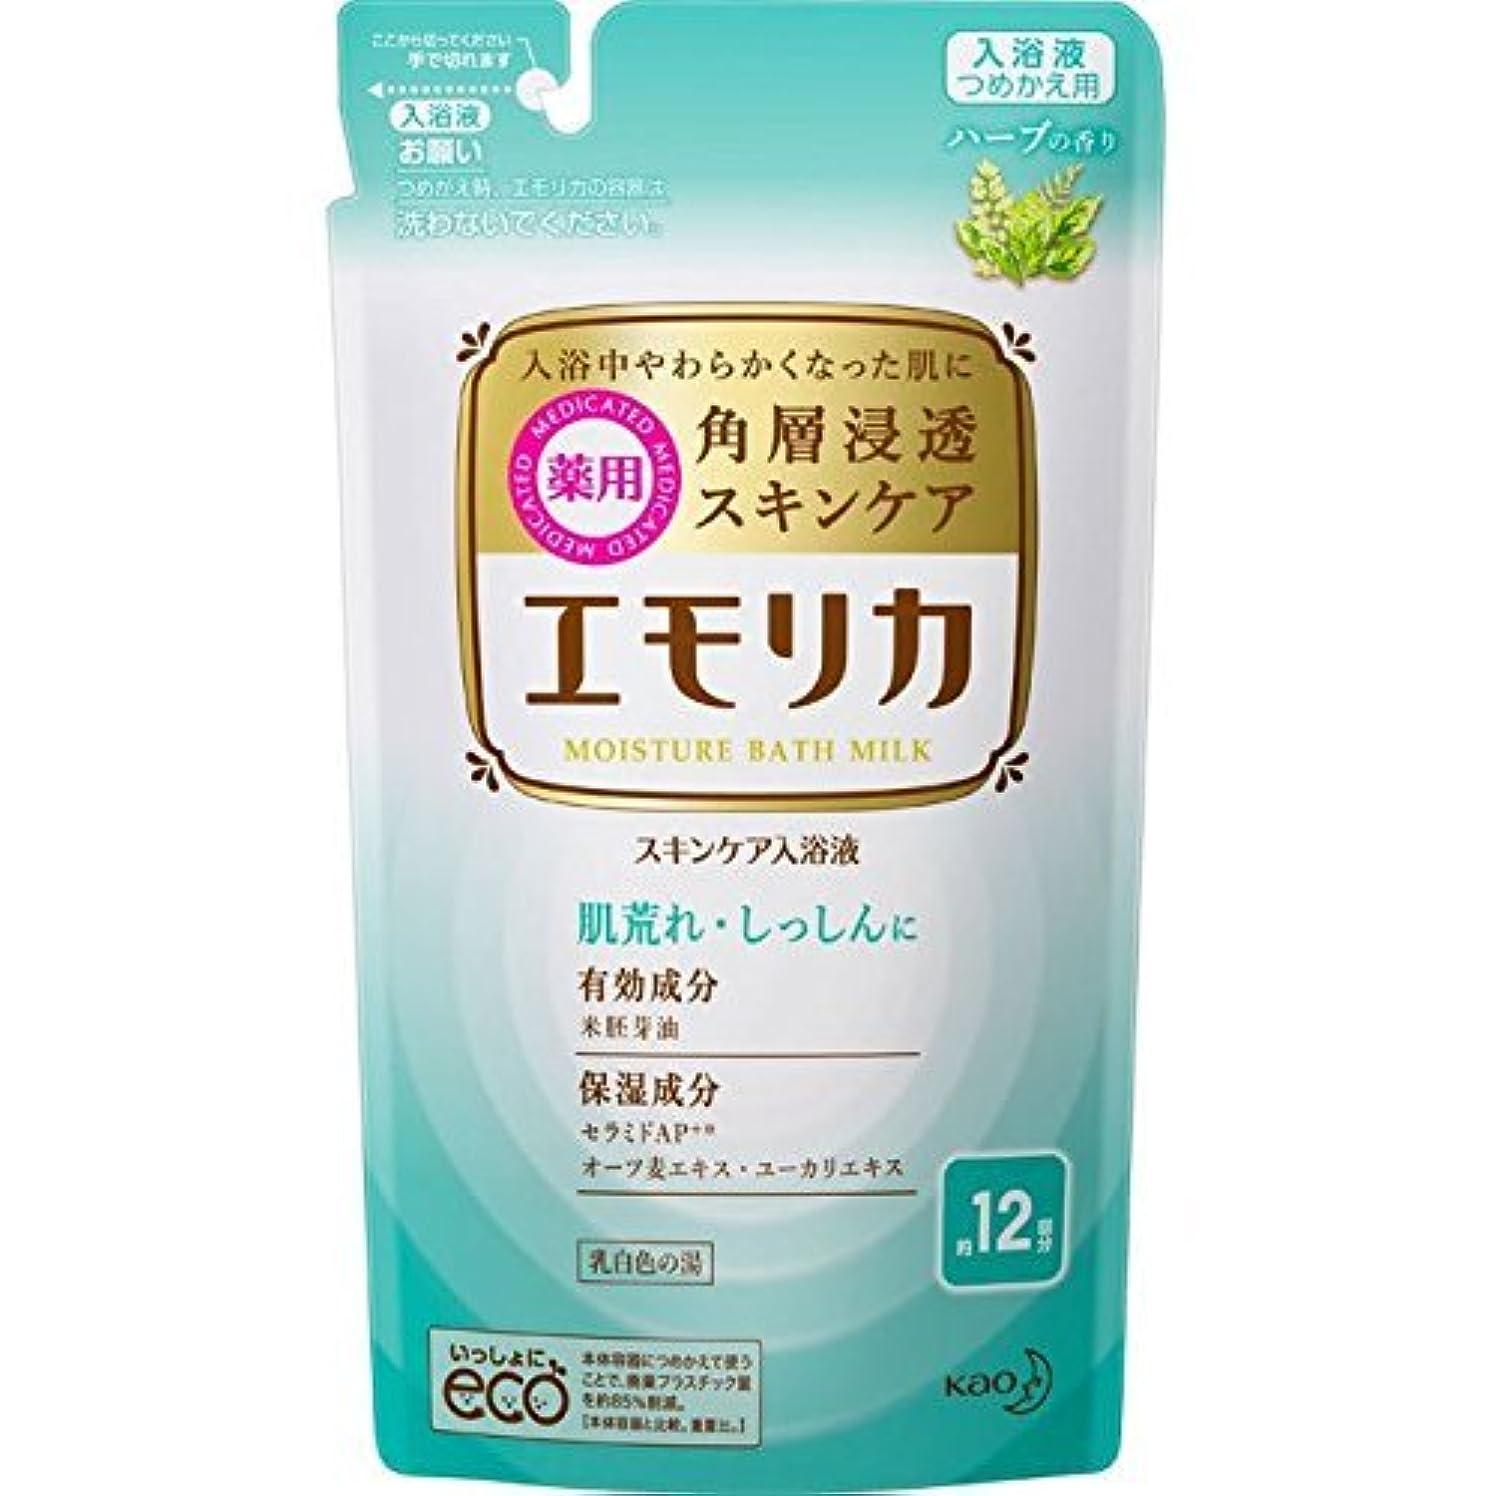 リスミント句読点【花王】エモリカ ハーブの香り つめかえ用 360ml ×20個セット